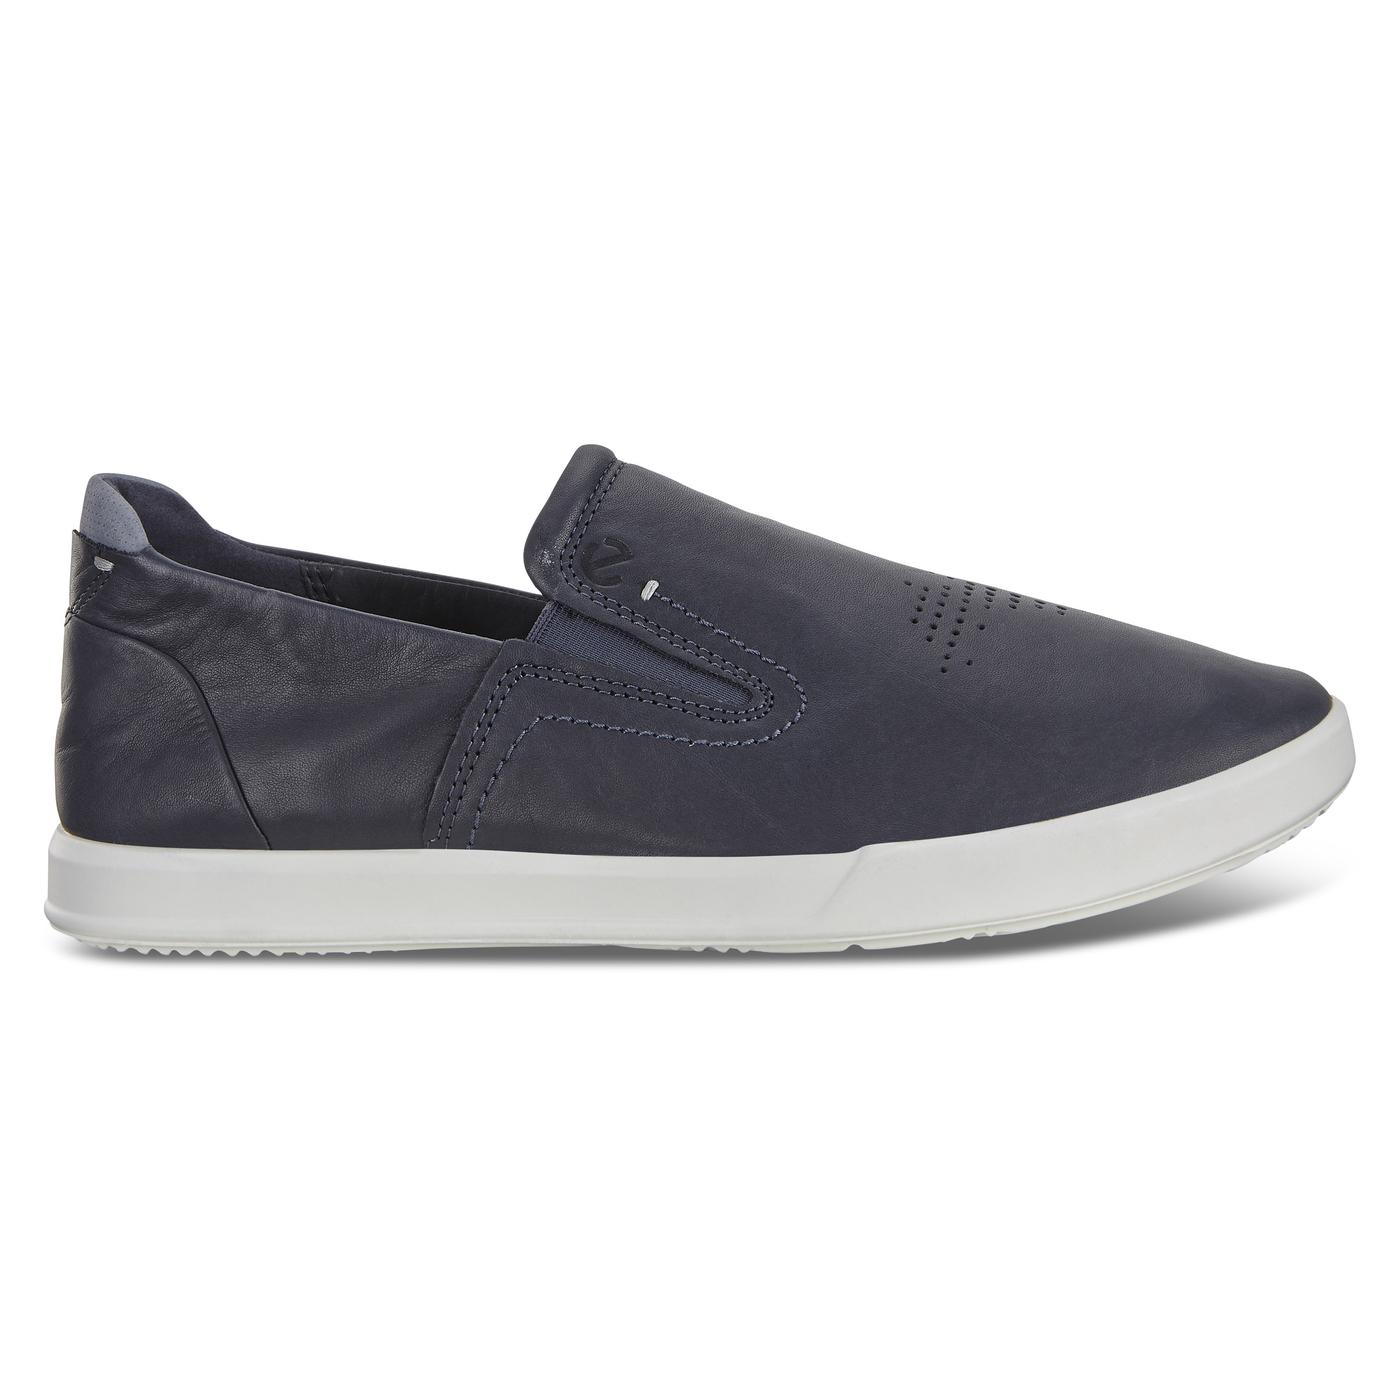 ECCO COLLIN2 Paccable Sneaker Slip-On